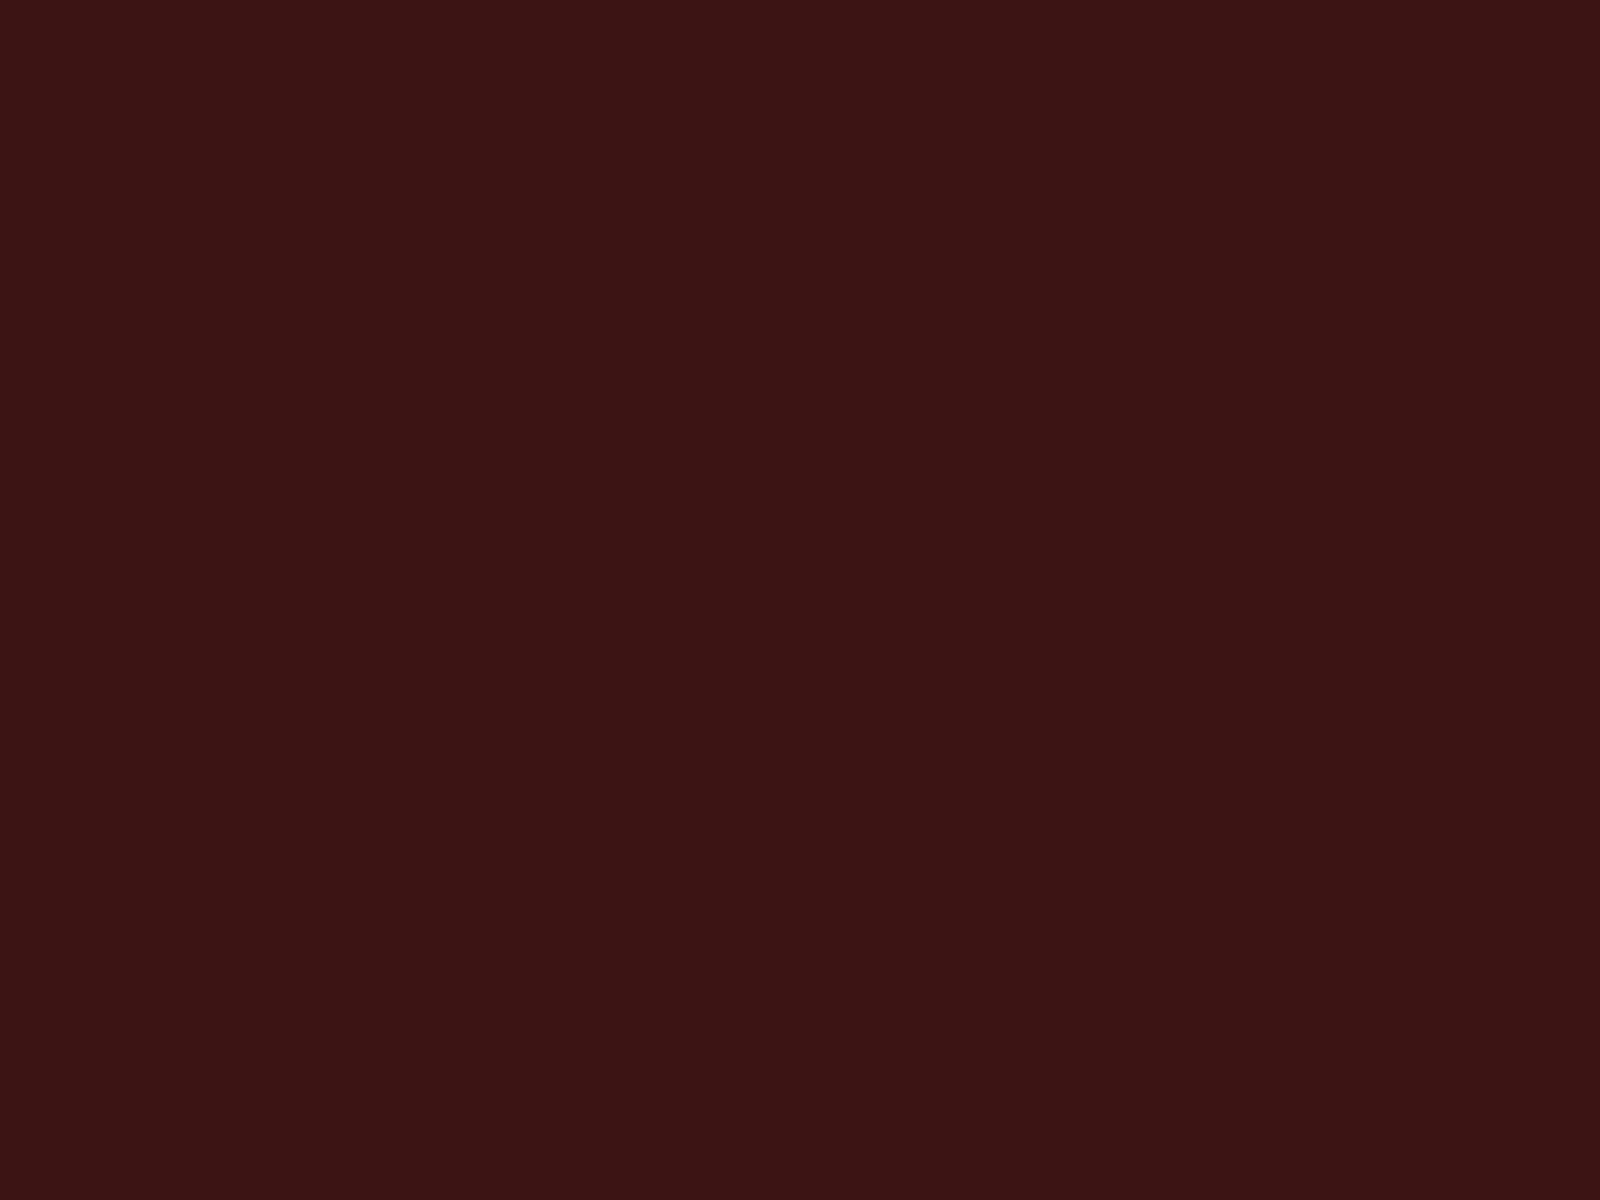 1600x1200 Dark Sienna Solid Color Background